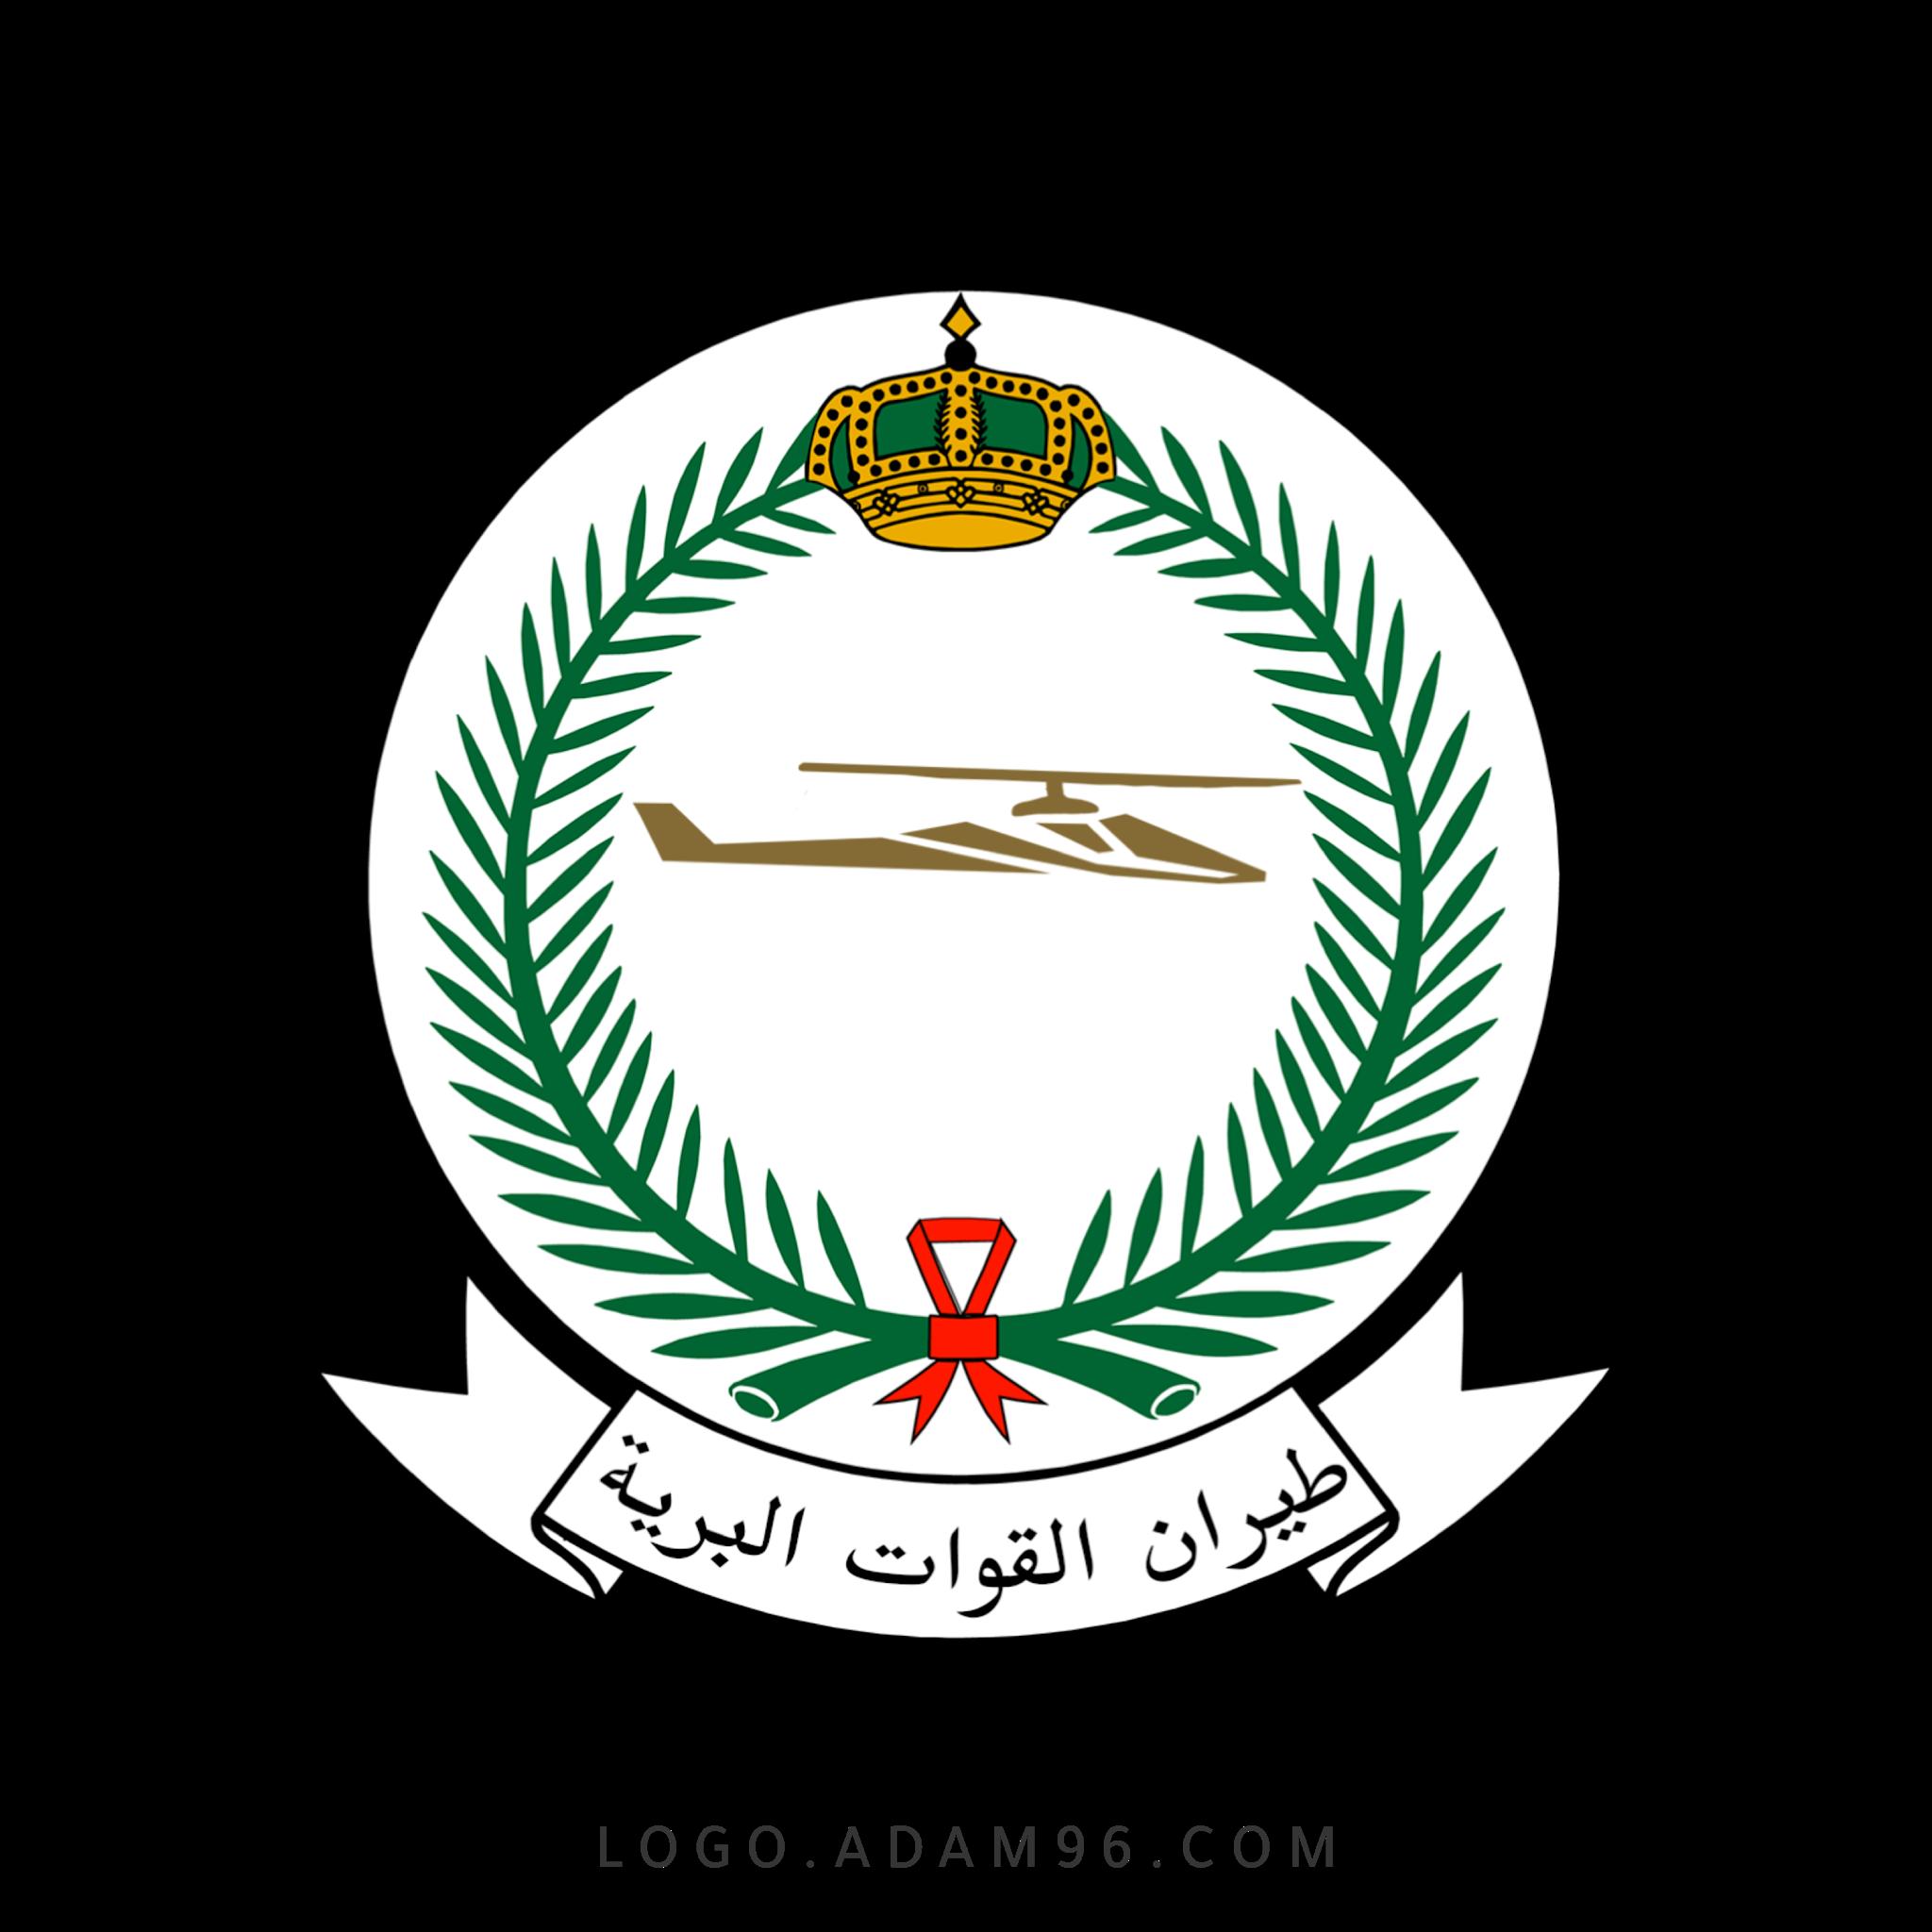 تحميل شعار طيران القوات البرية الملكية السعودية عالي الجودة بصيغة PNG